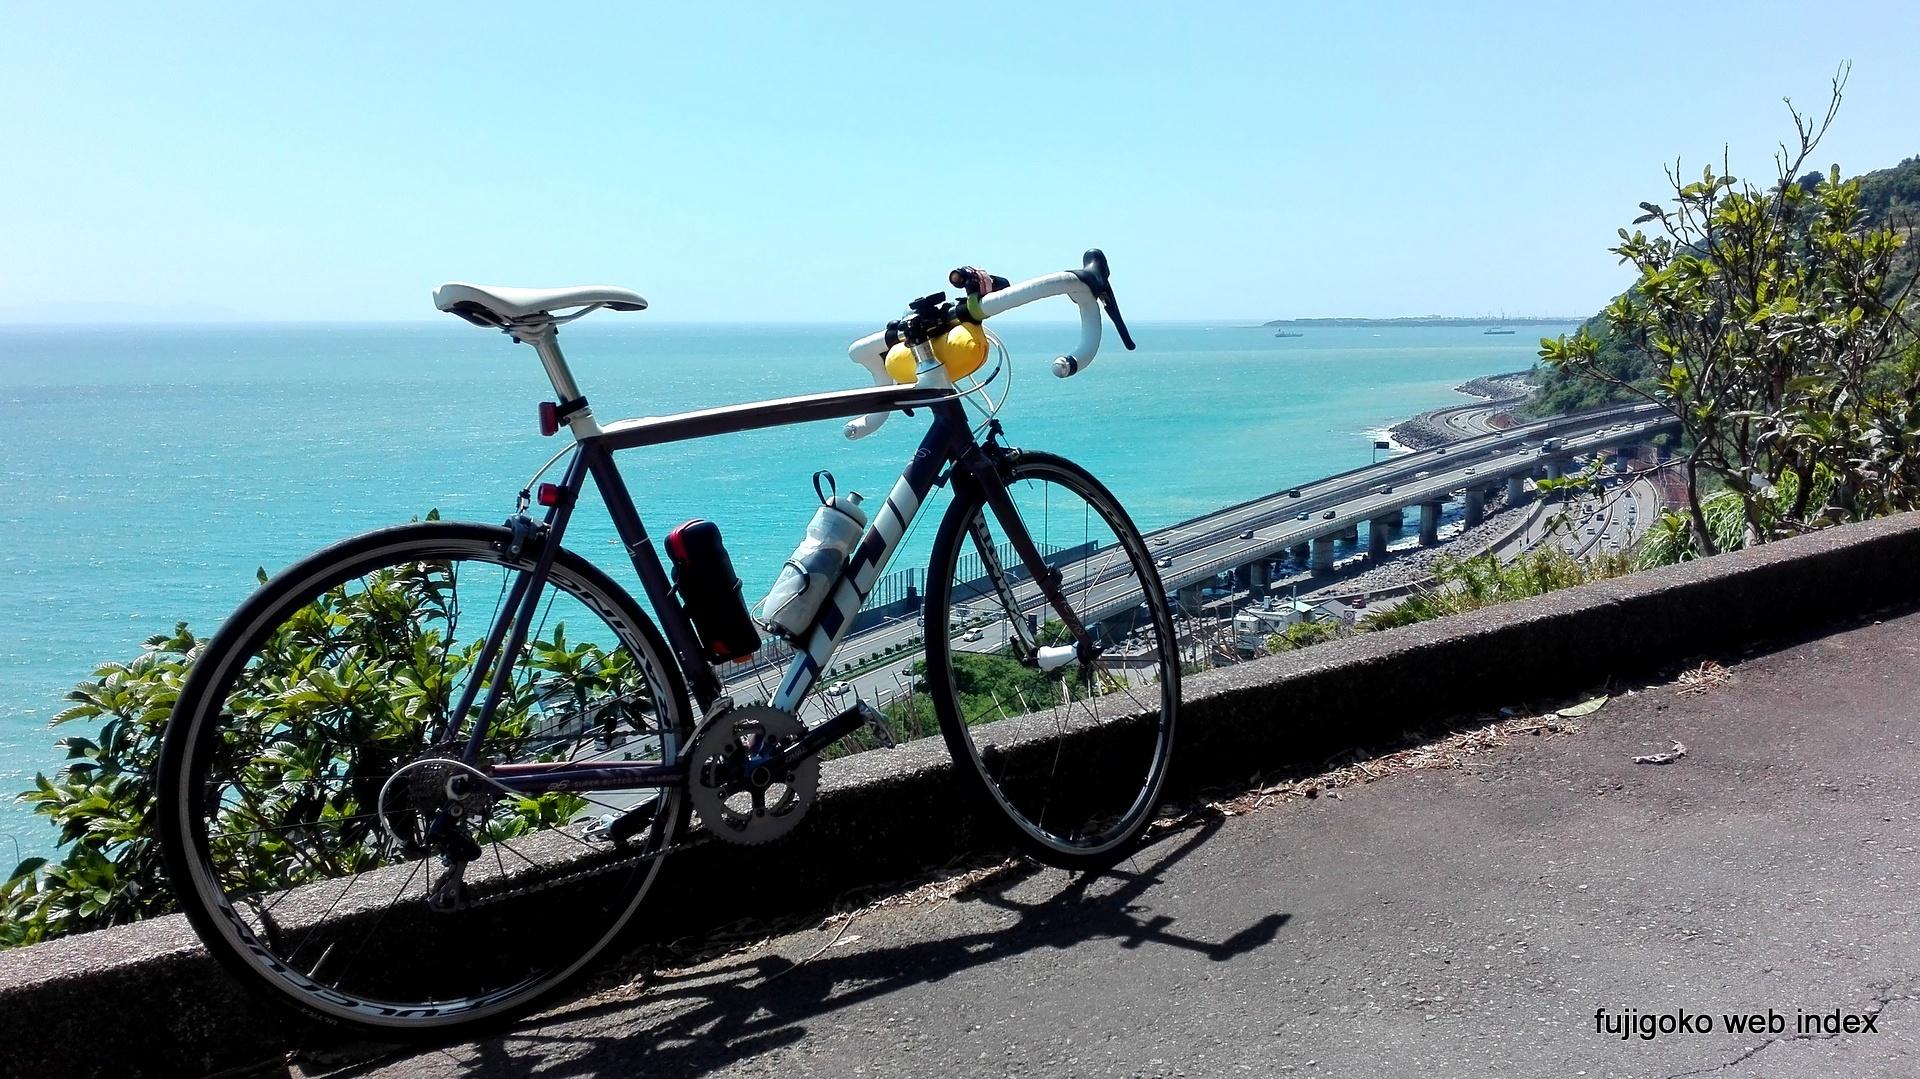 富士五湖webインデックス 壁紙 ちゃりblog ロードバイクあっという間に2年